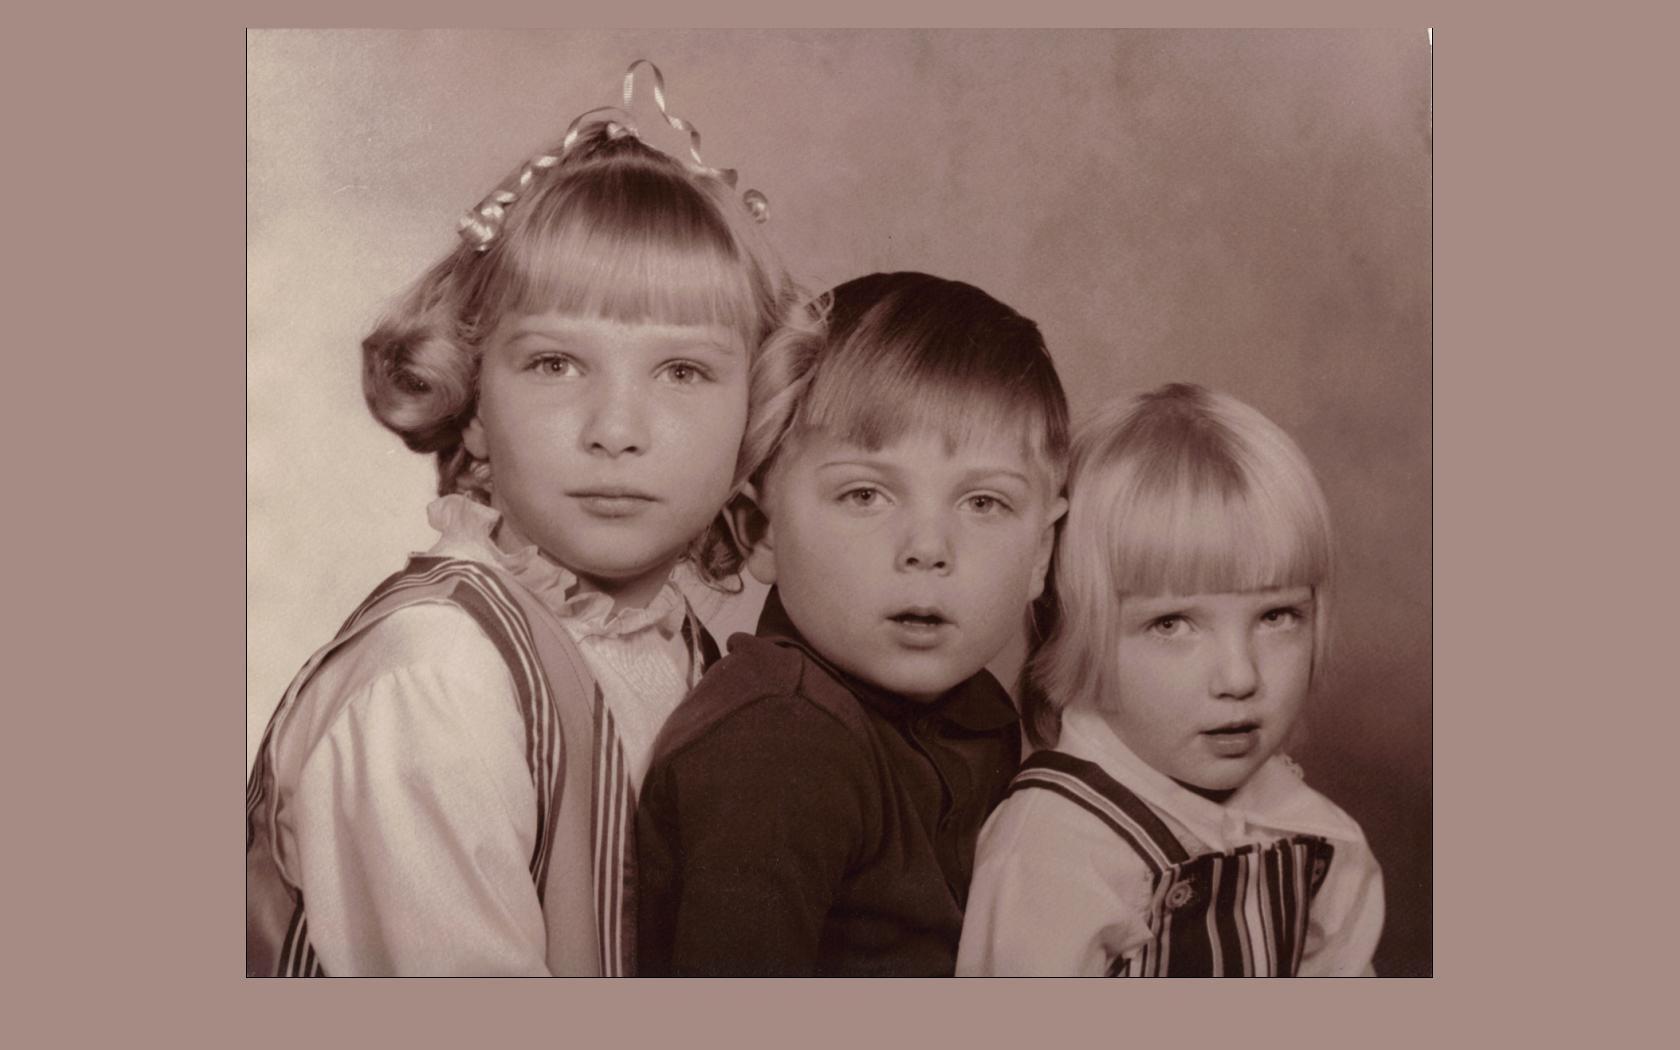 Sandi, Tim, and Kim